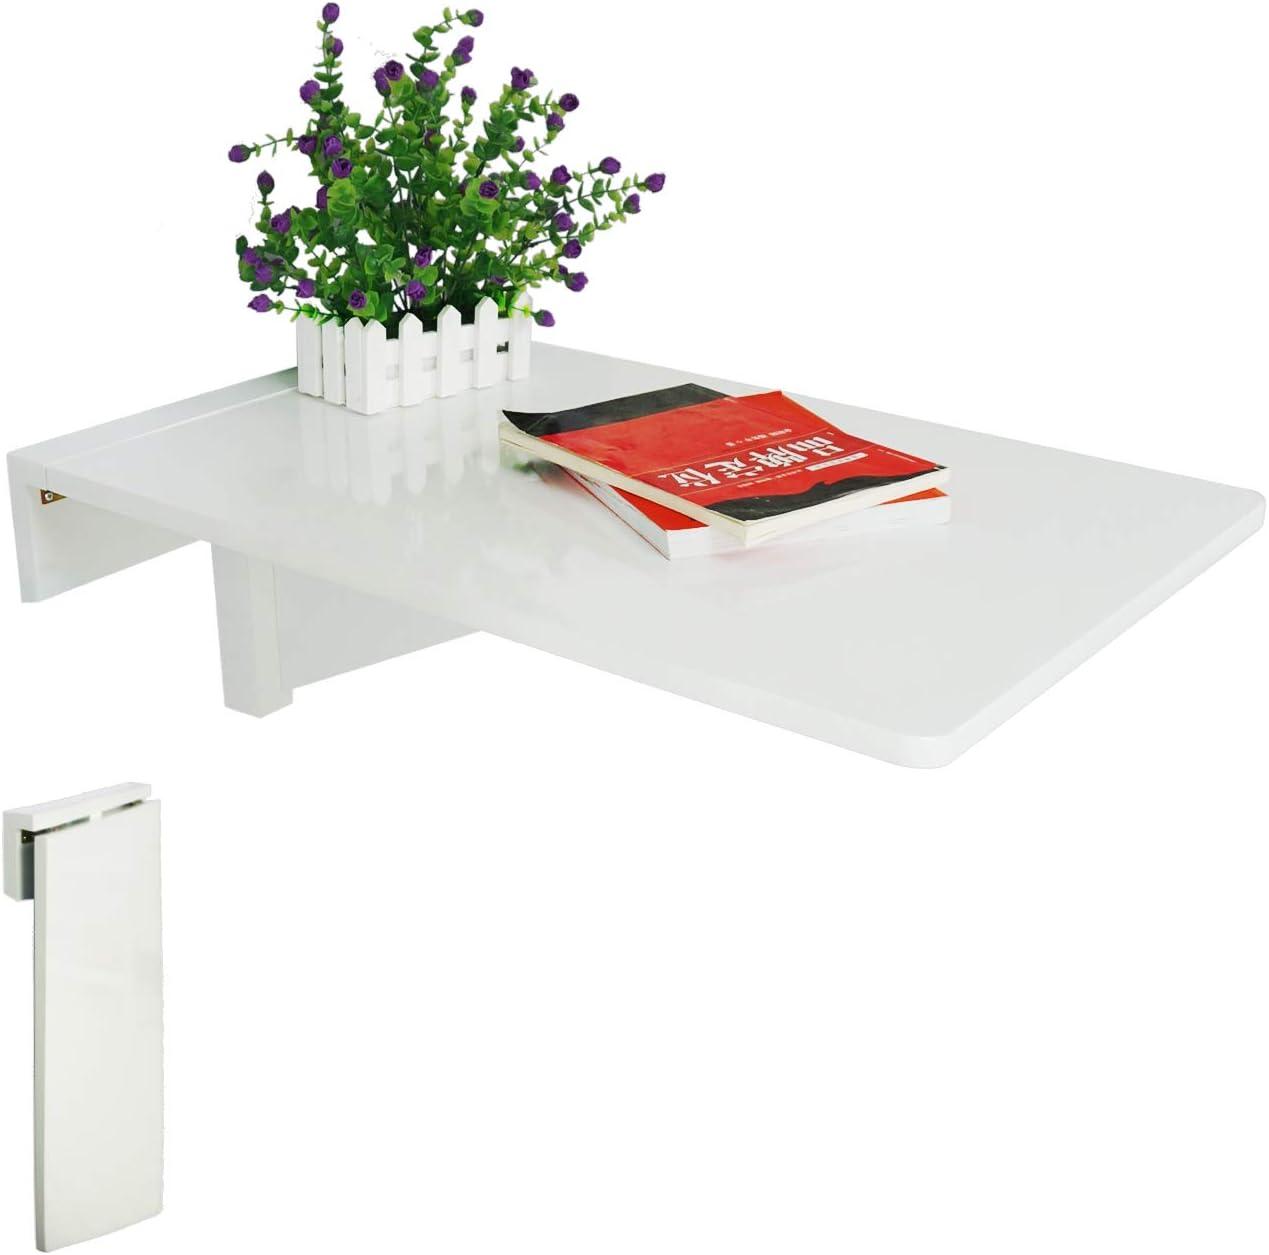 Mesa, simple y plegable de JinQi, con soporte de pared, 70x 45cm, color blanco